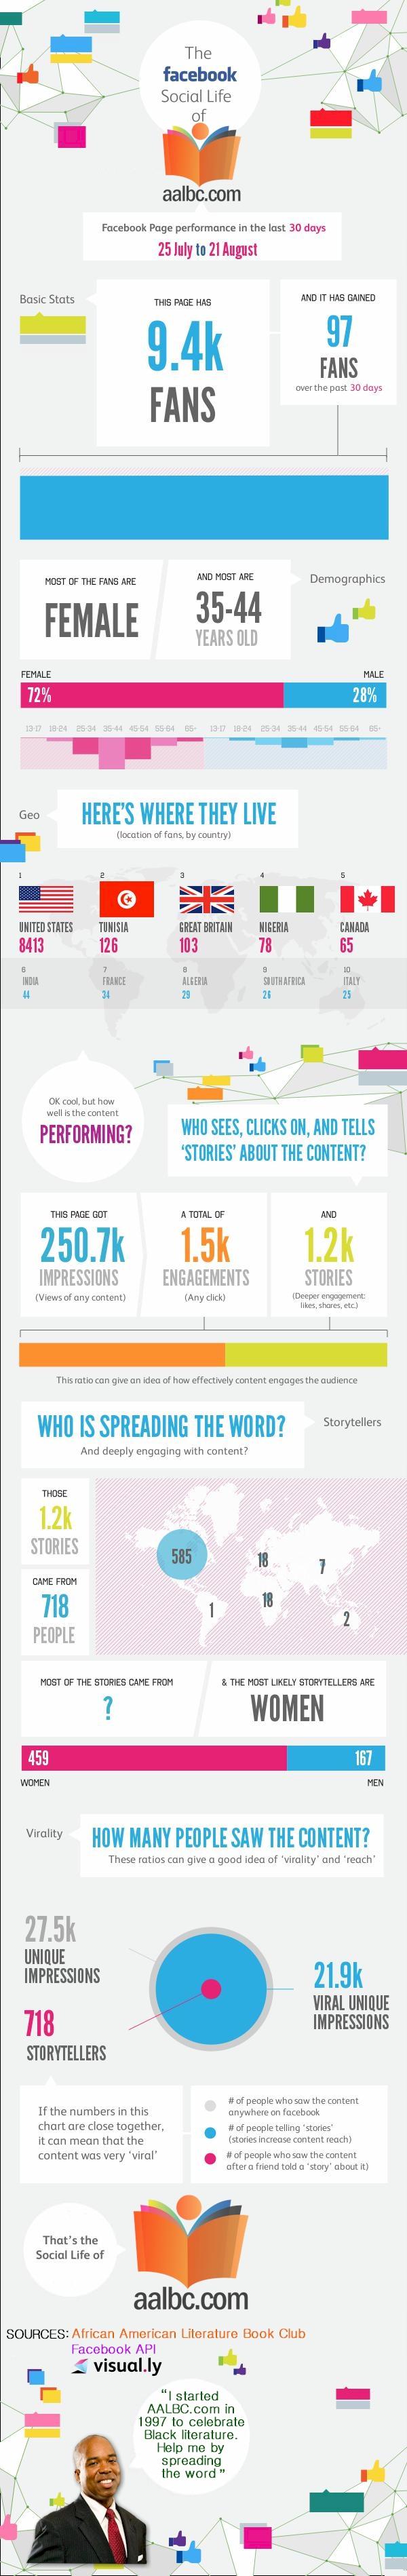 AALBC.com Facebook Infographic